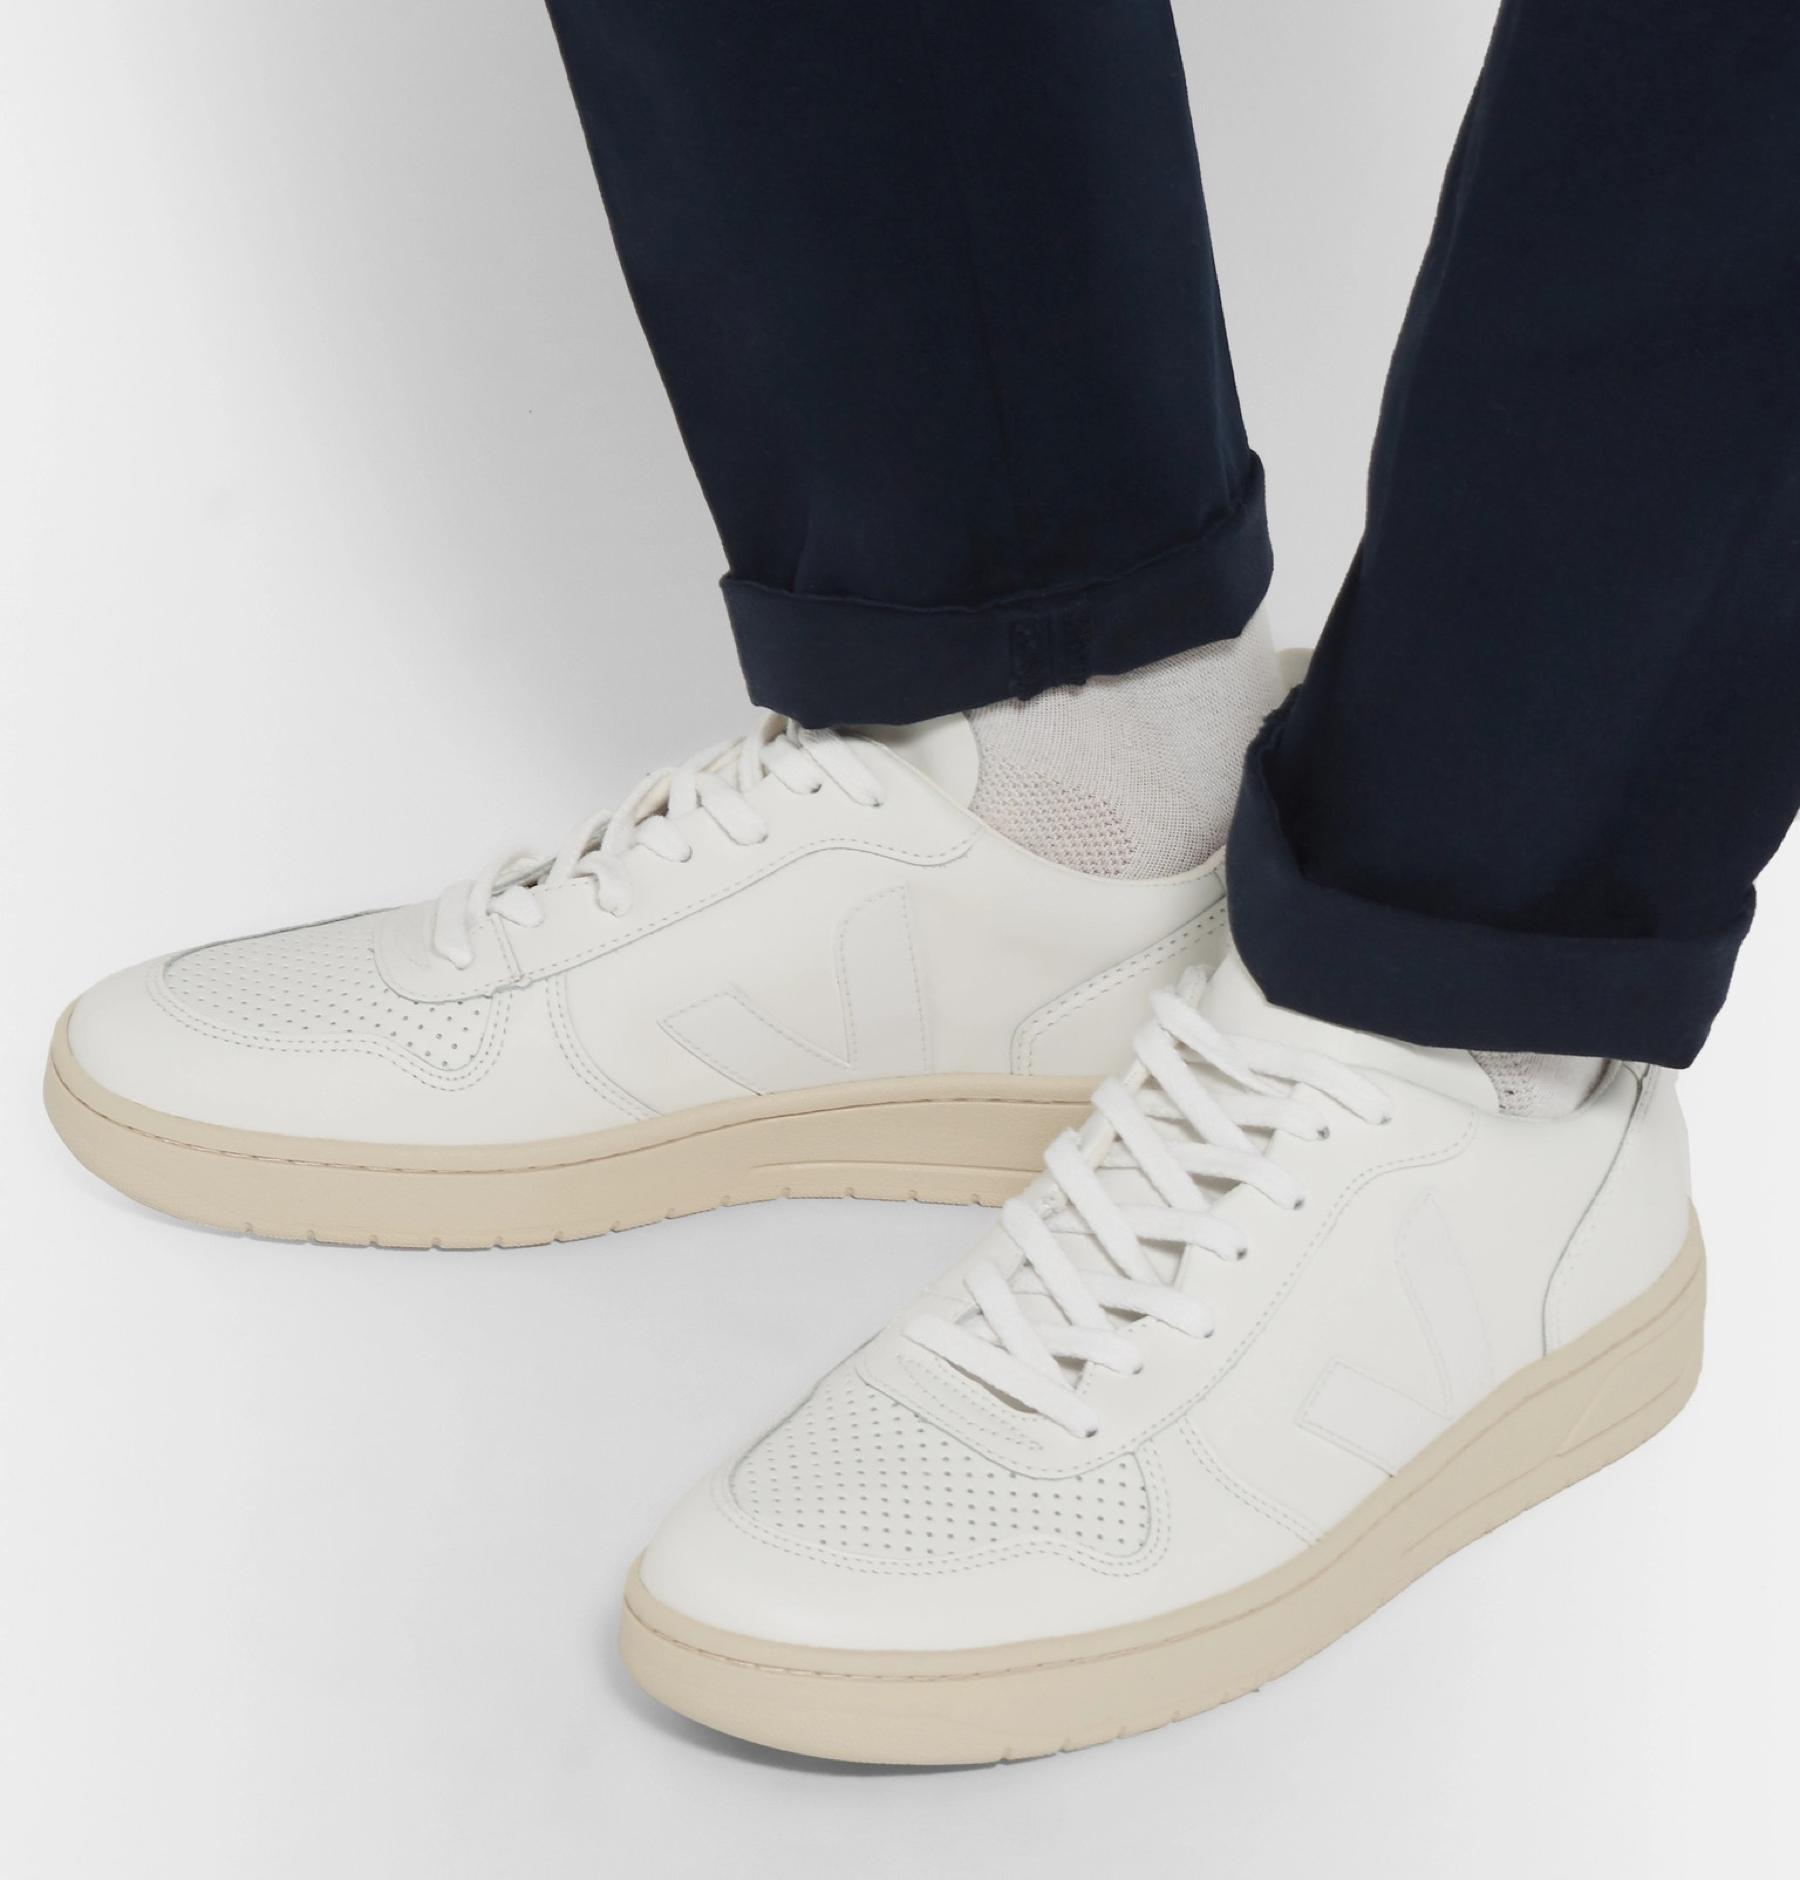 Best men's white sneakers for spring